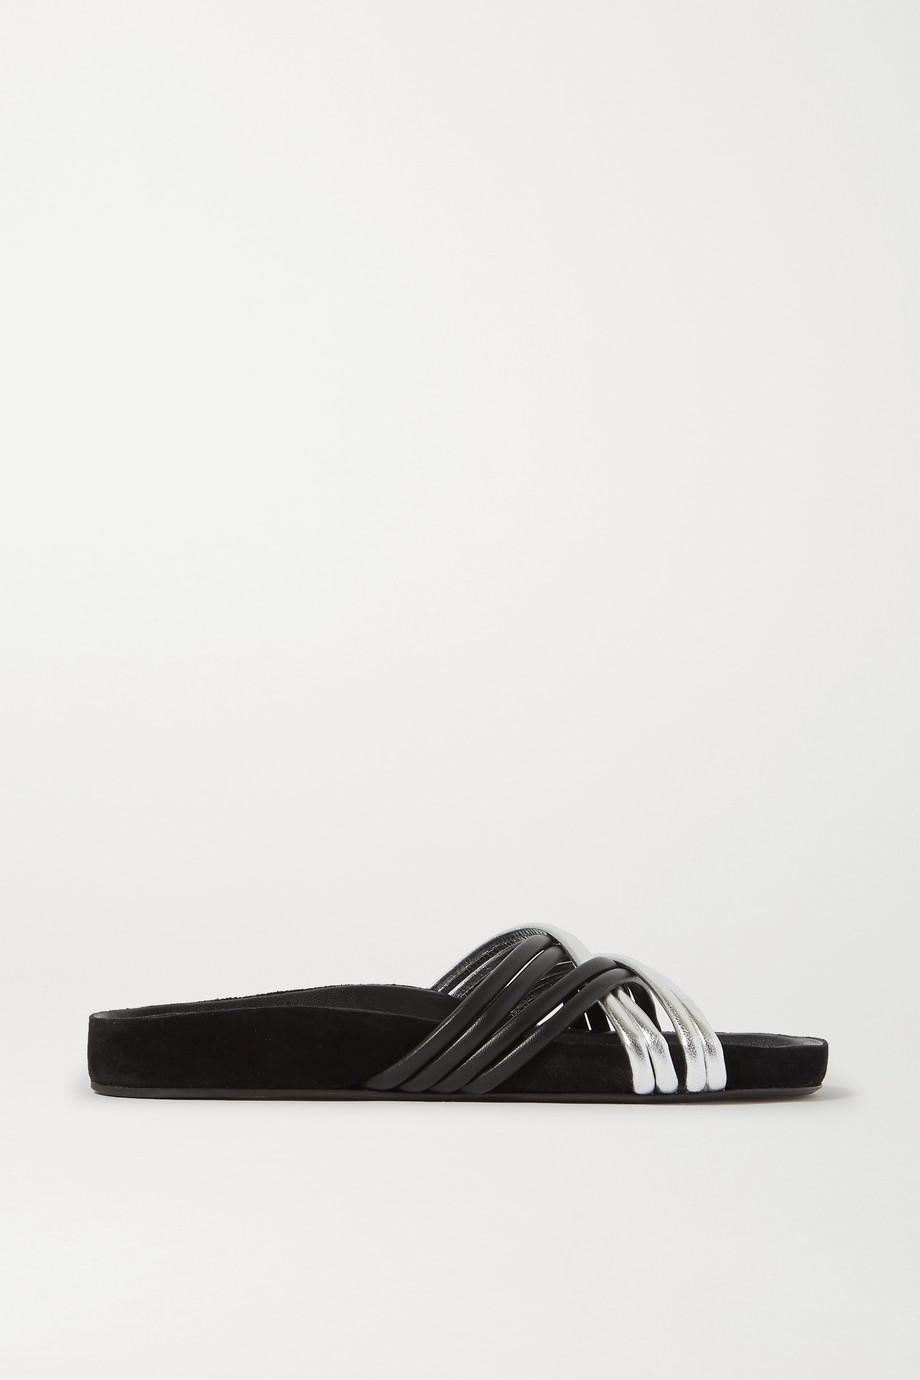 Isabel Marant Hellya two-tone leather slides